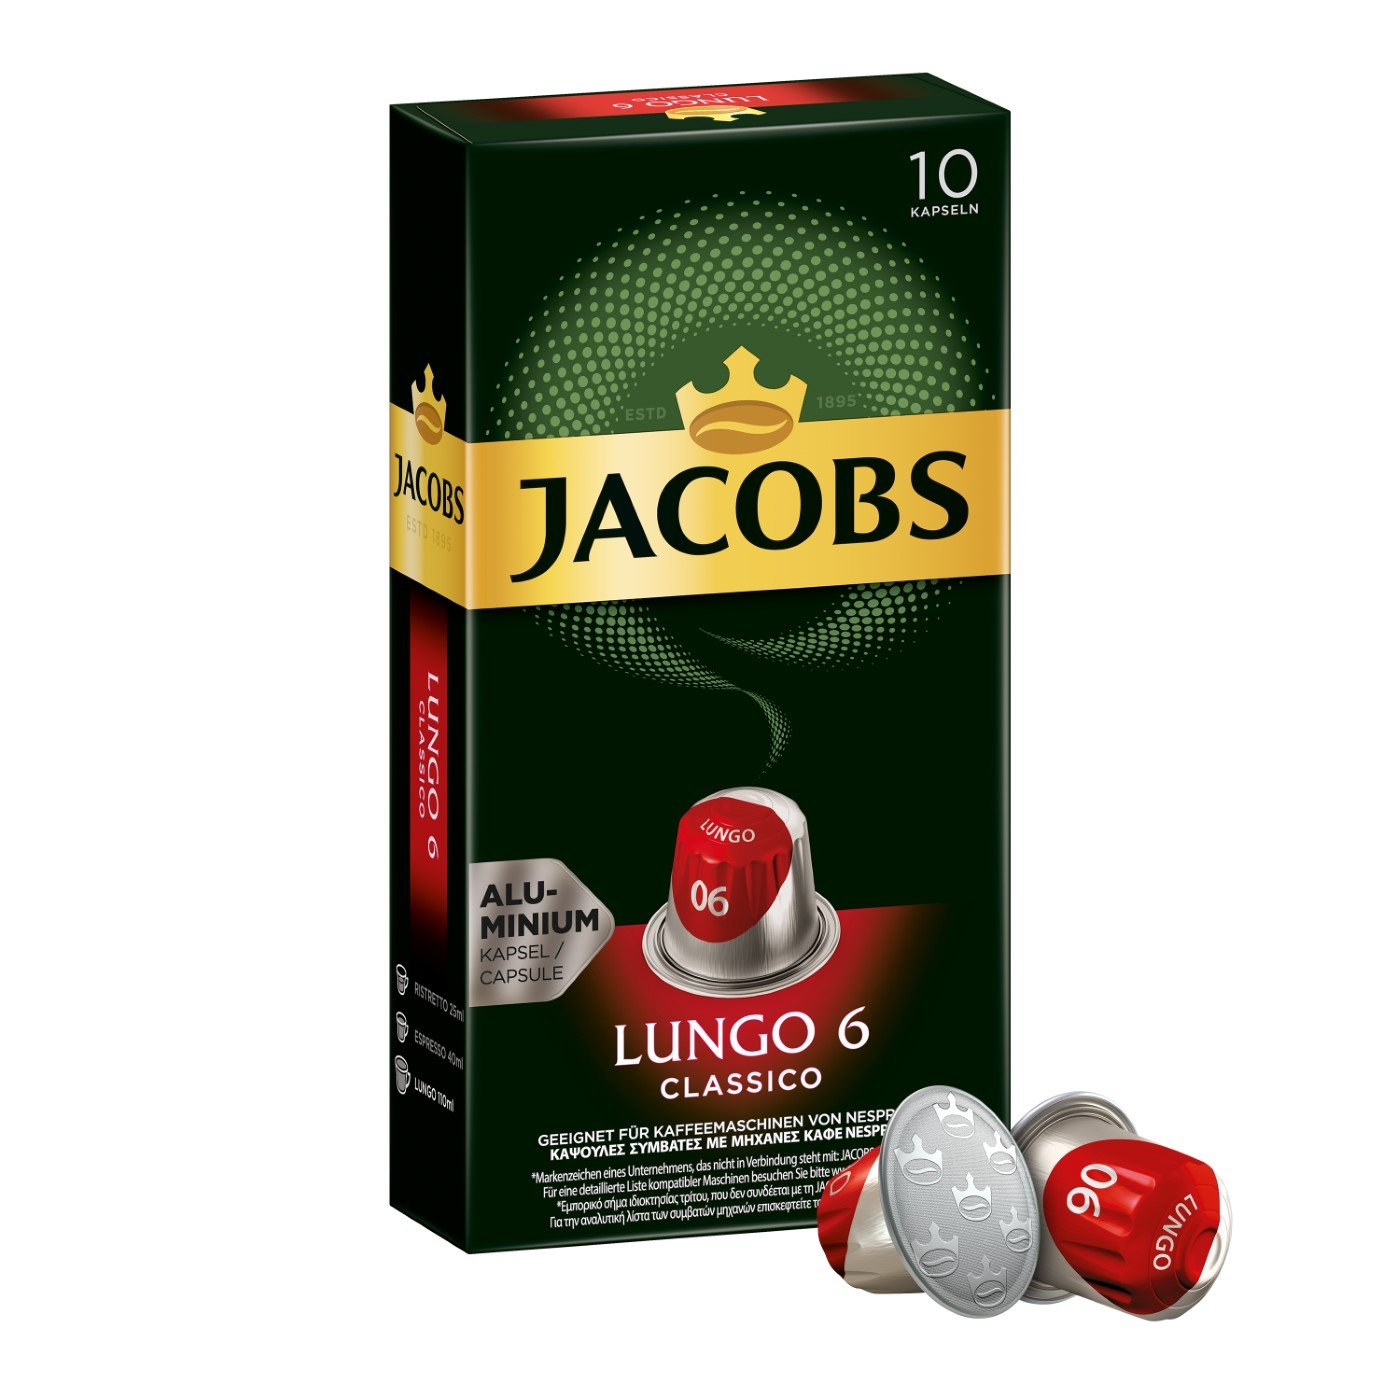 Jacobs Kapseln Lungo Classico - Intensität 6-50 Nespresso (R)* kompatible Kaffeekapseln aus Aluminium (5 x 10 Kapseln)